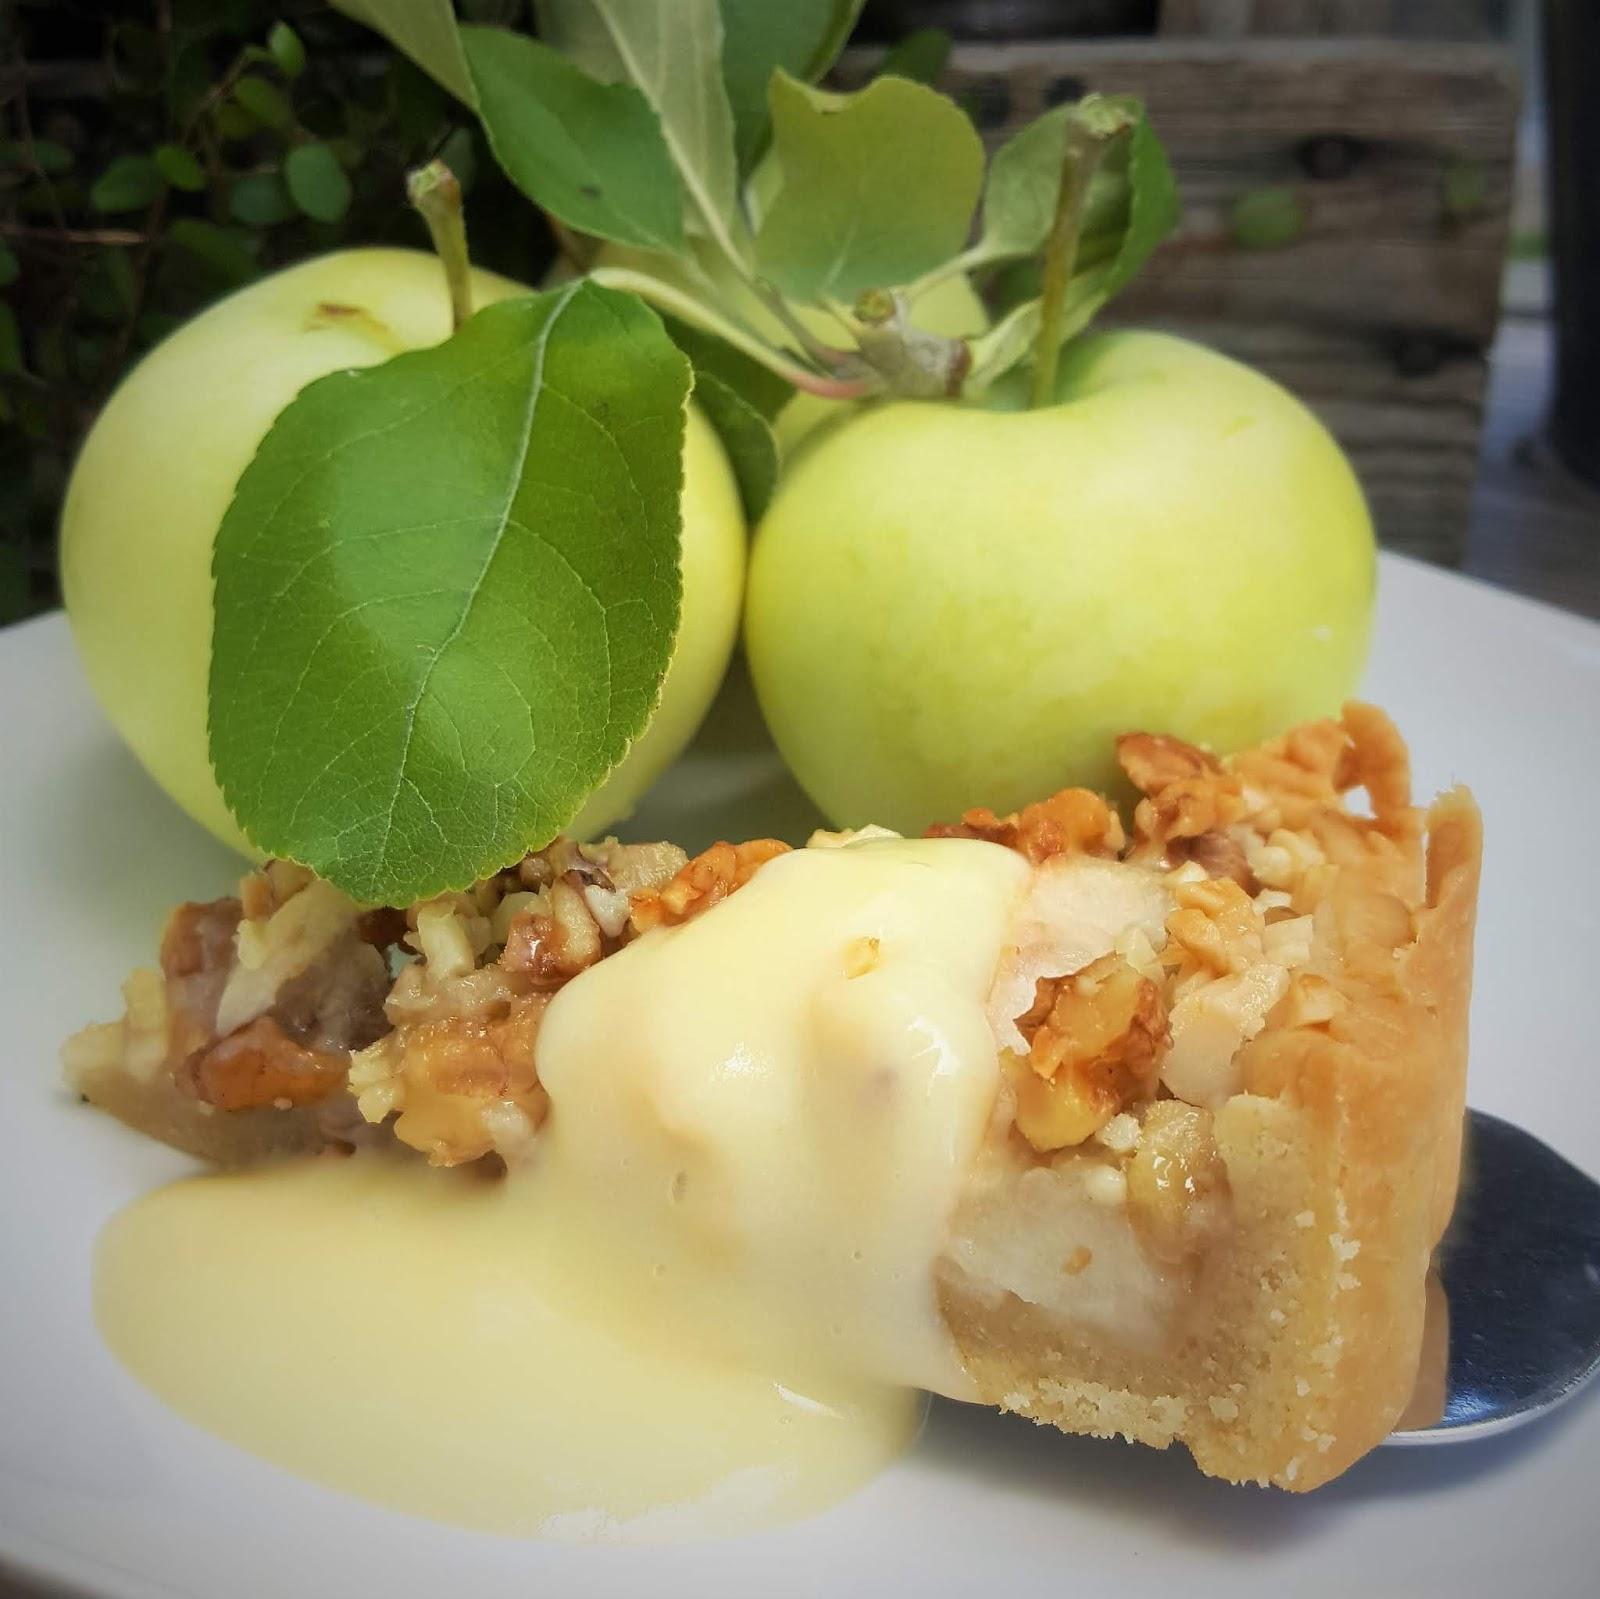 äppelpaj med nötter och mandel